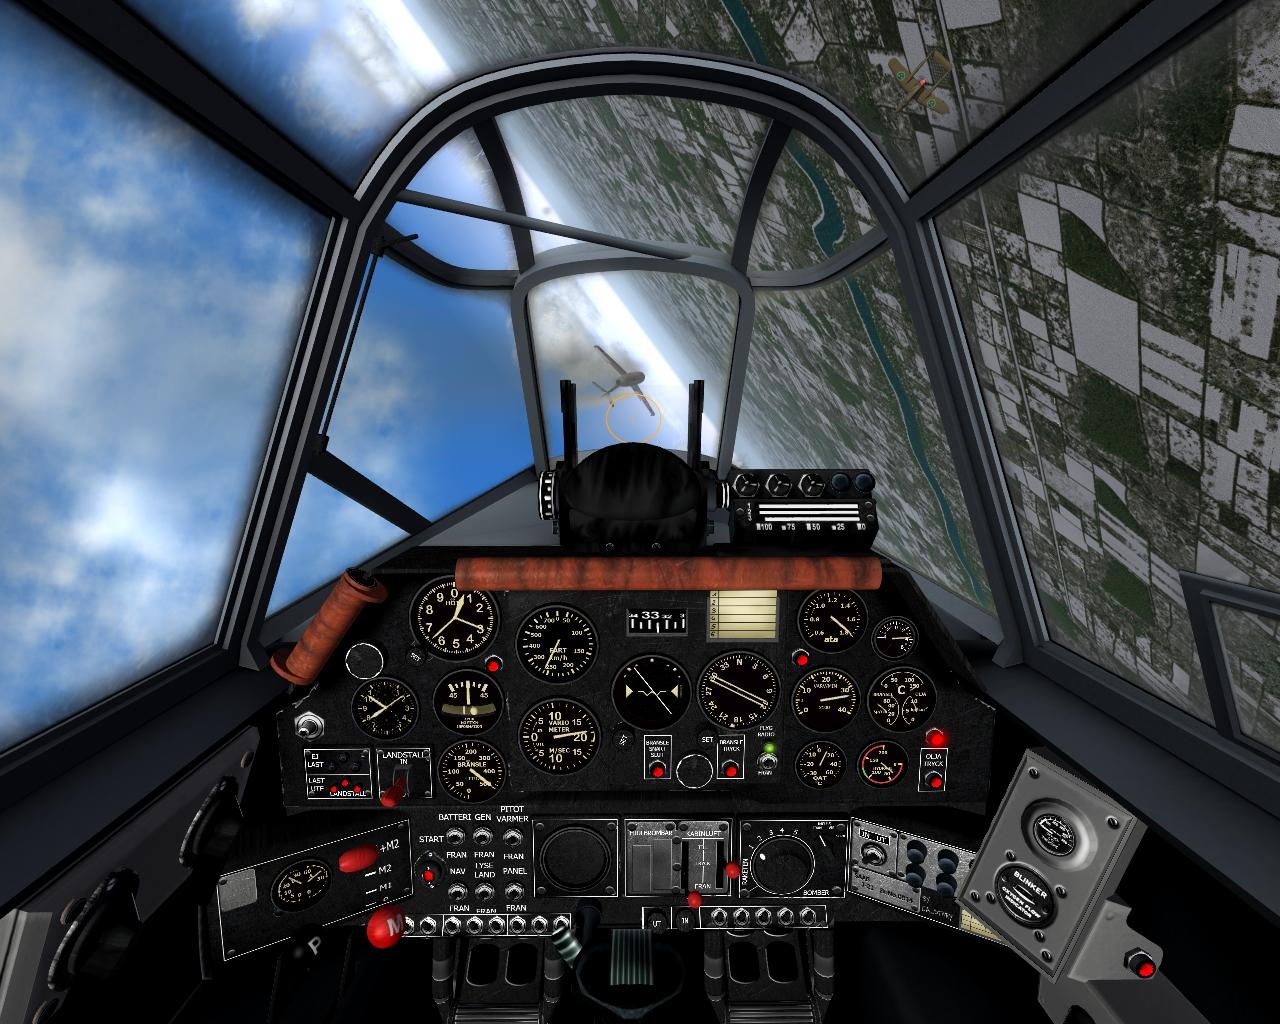 SAAB J-21A-3 cockpit